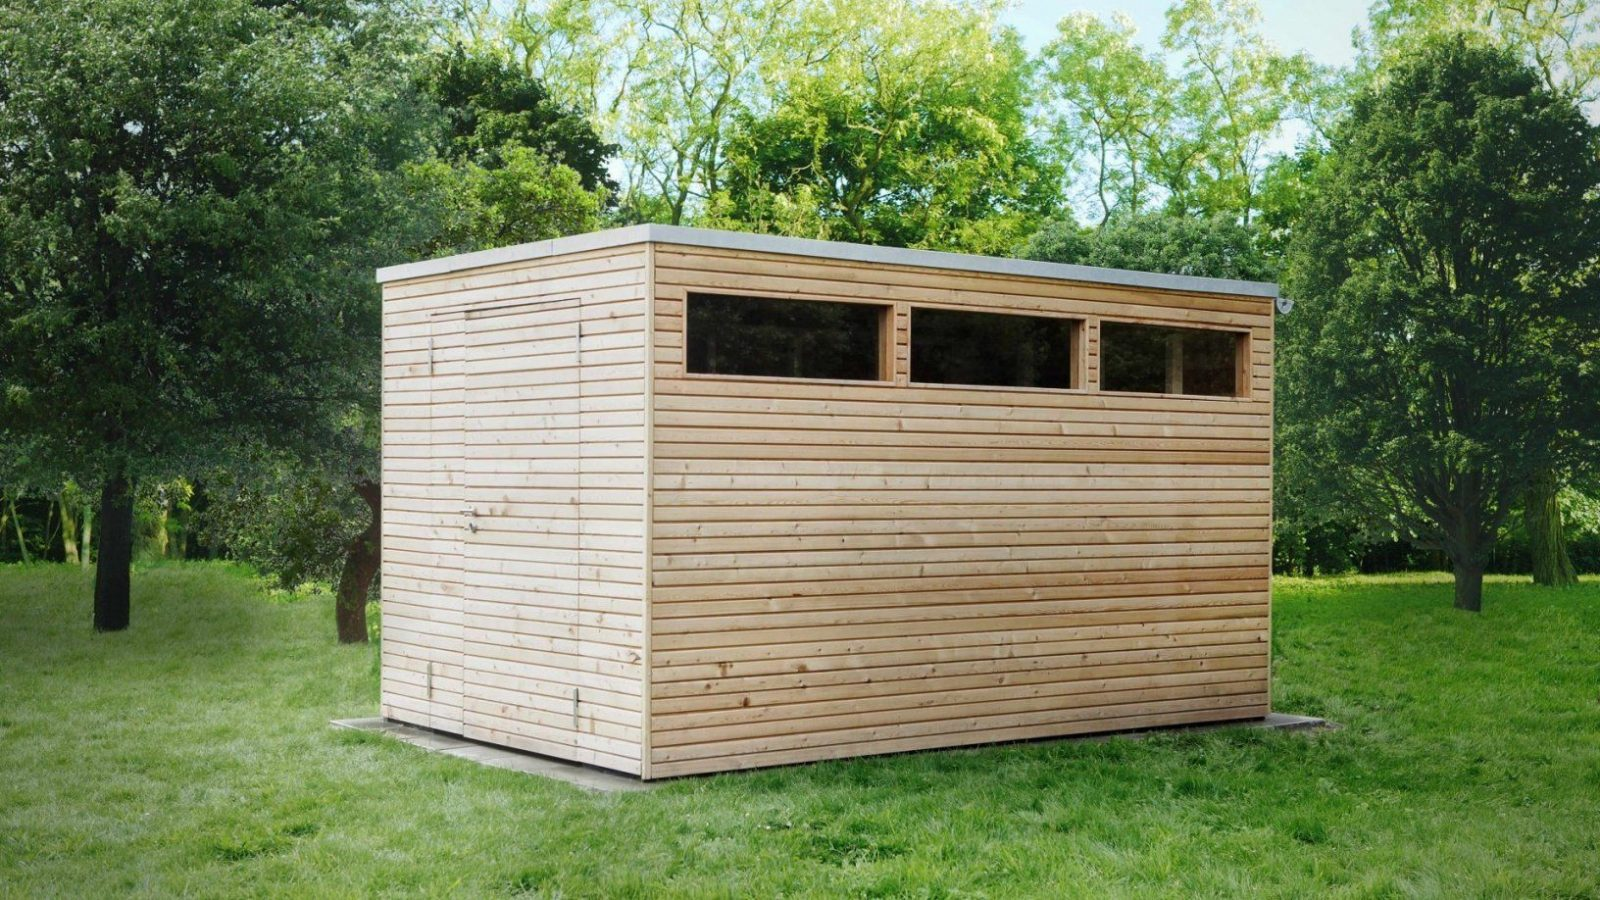 Tischlereibetrieb Ahlers  Haustüren Fenster Wintergärten von Moderne Gartenhäuser Aus Holz Bild